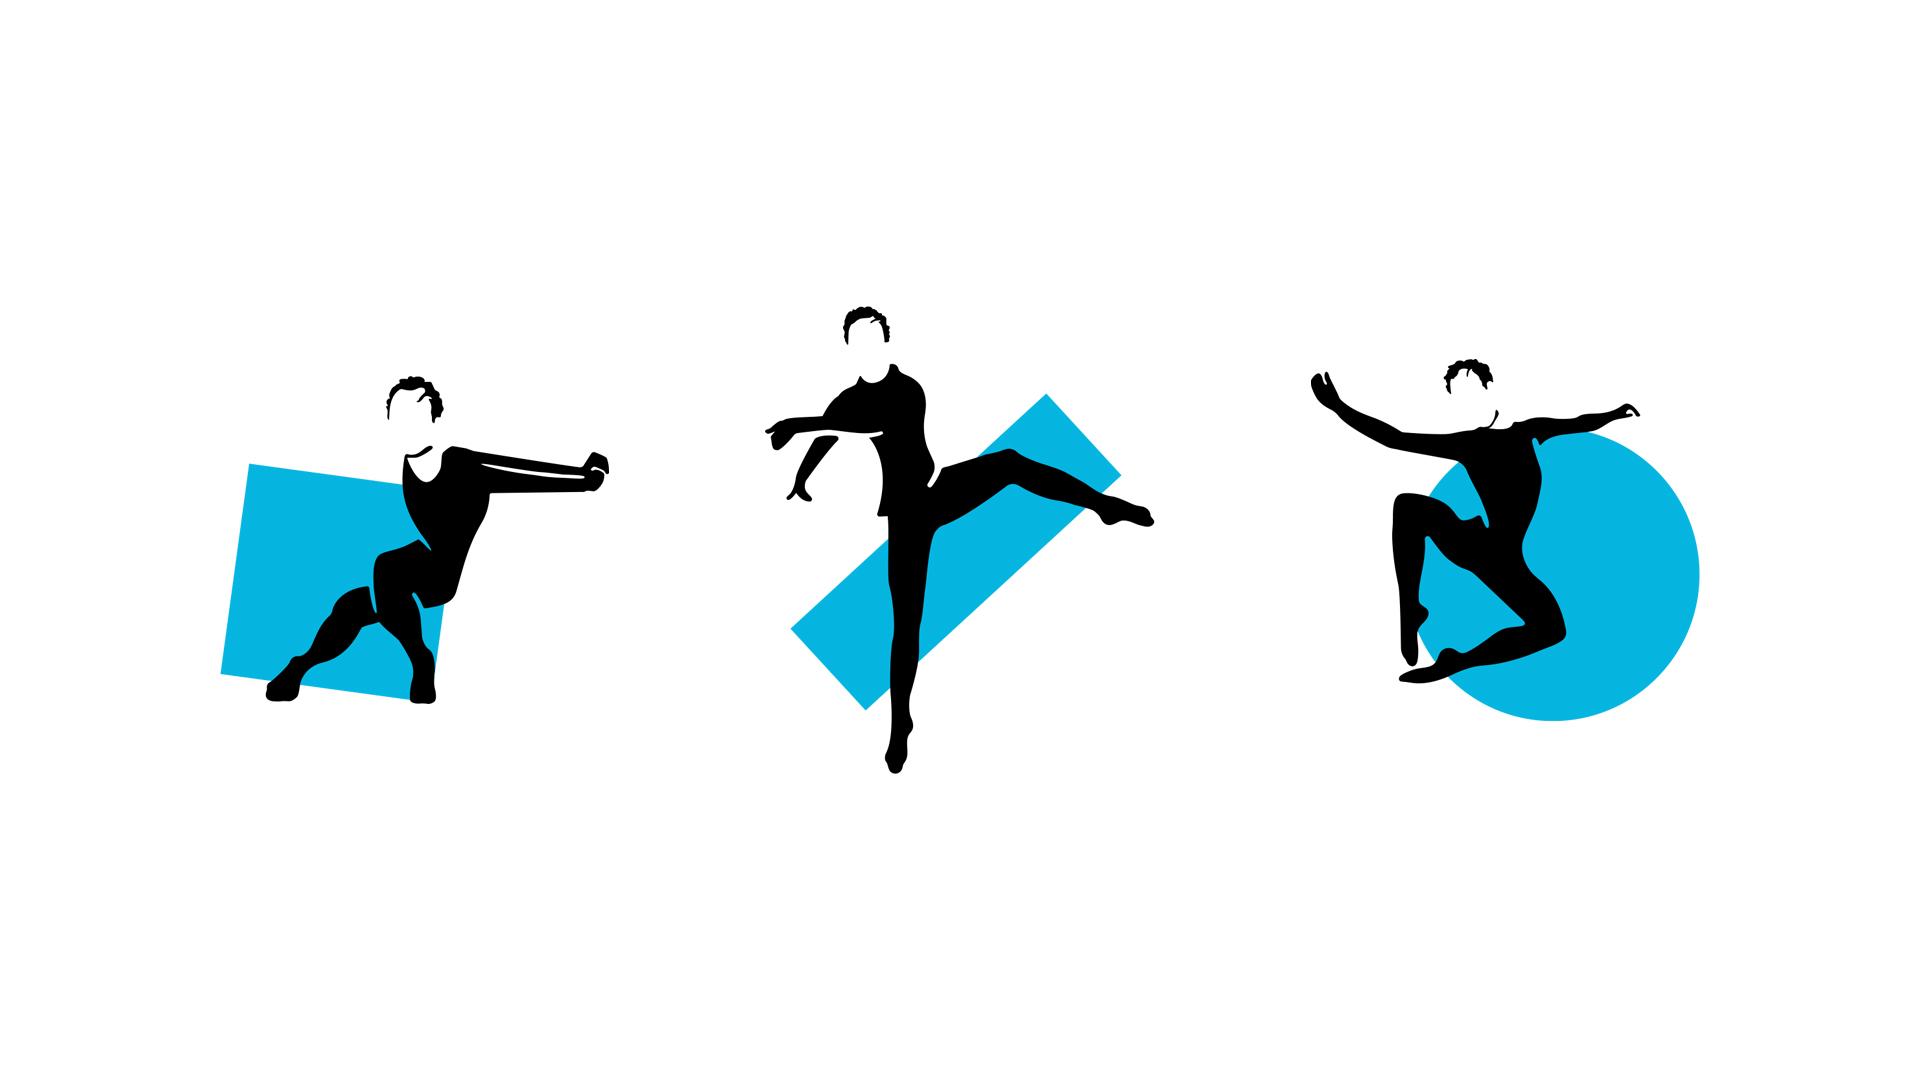 3 different logos designed for the Merce Cunnigham Trust Centennial, vector designs